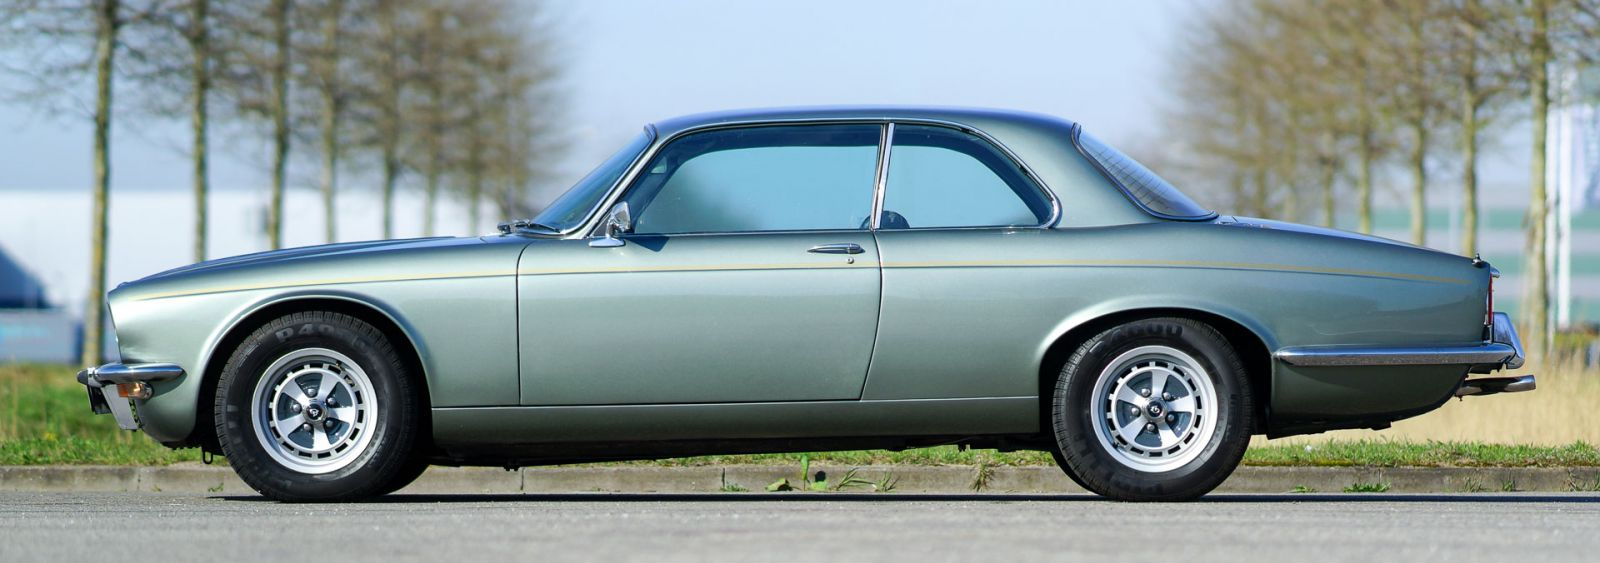 Jaguar XJ6 4.2 Litre Coupe, 1975 - Classicargarage - FR